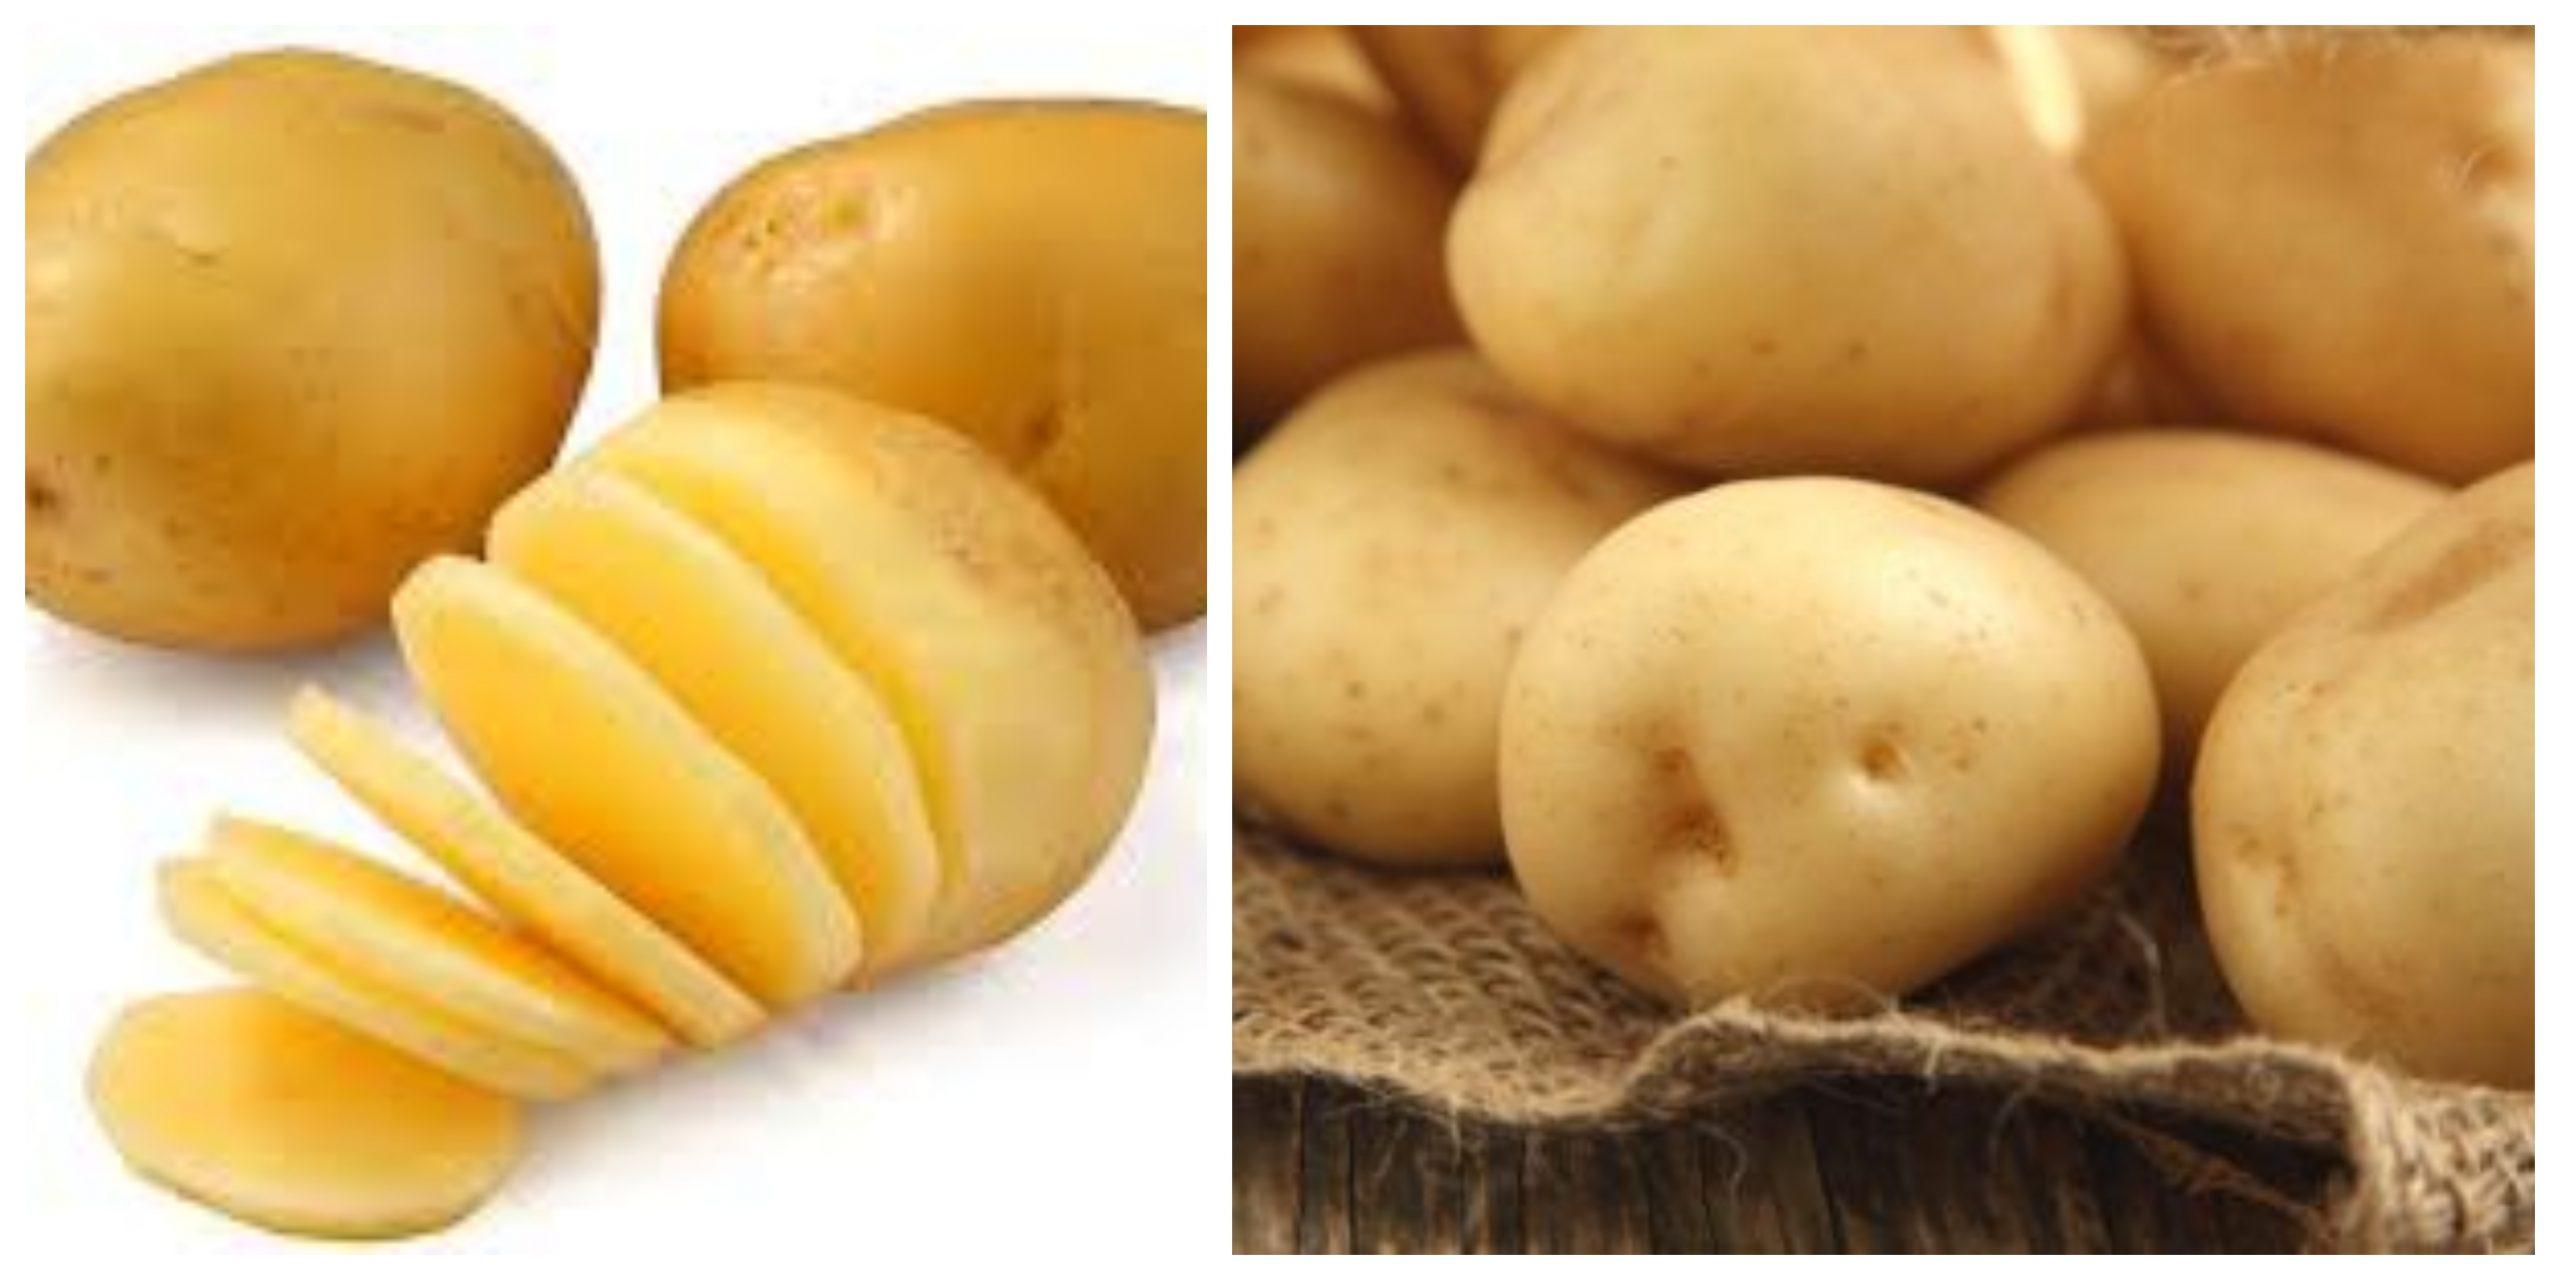 الفوائد الصحية لتناول البطاطس ليست سبب زيادة الوزن